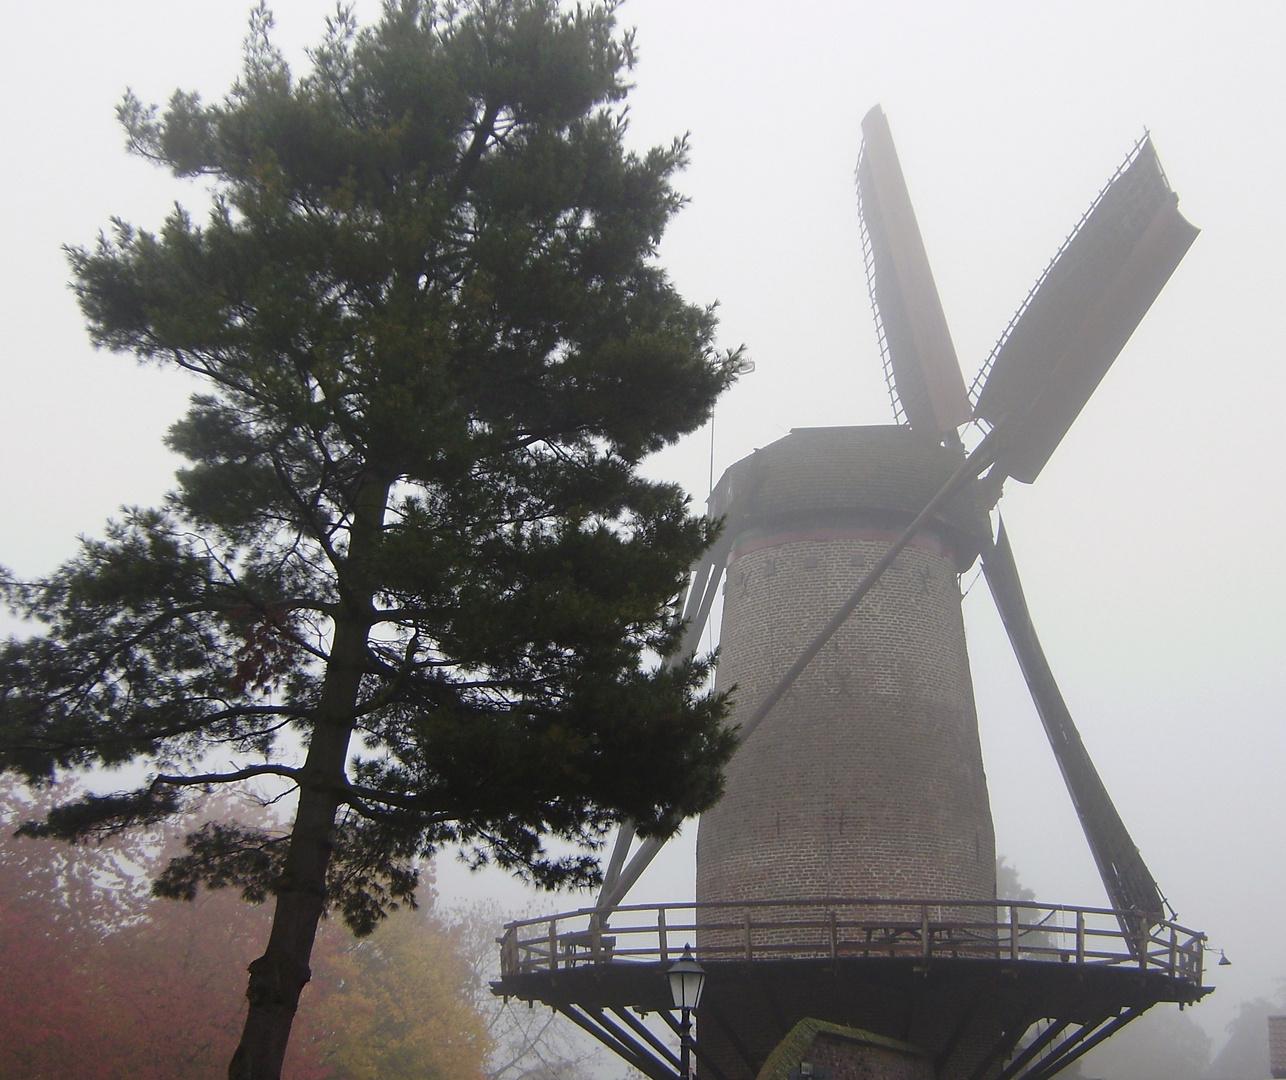 Nebel in Xanten